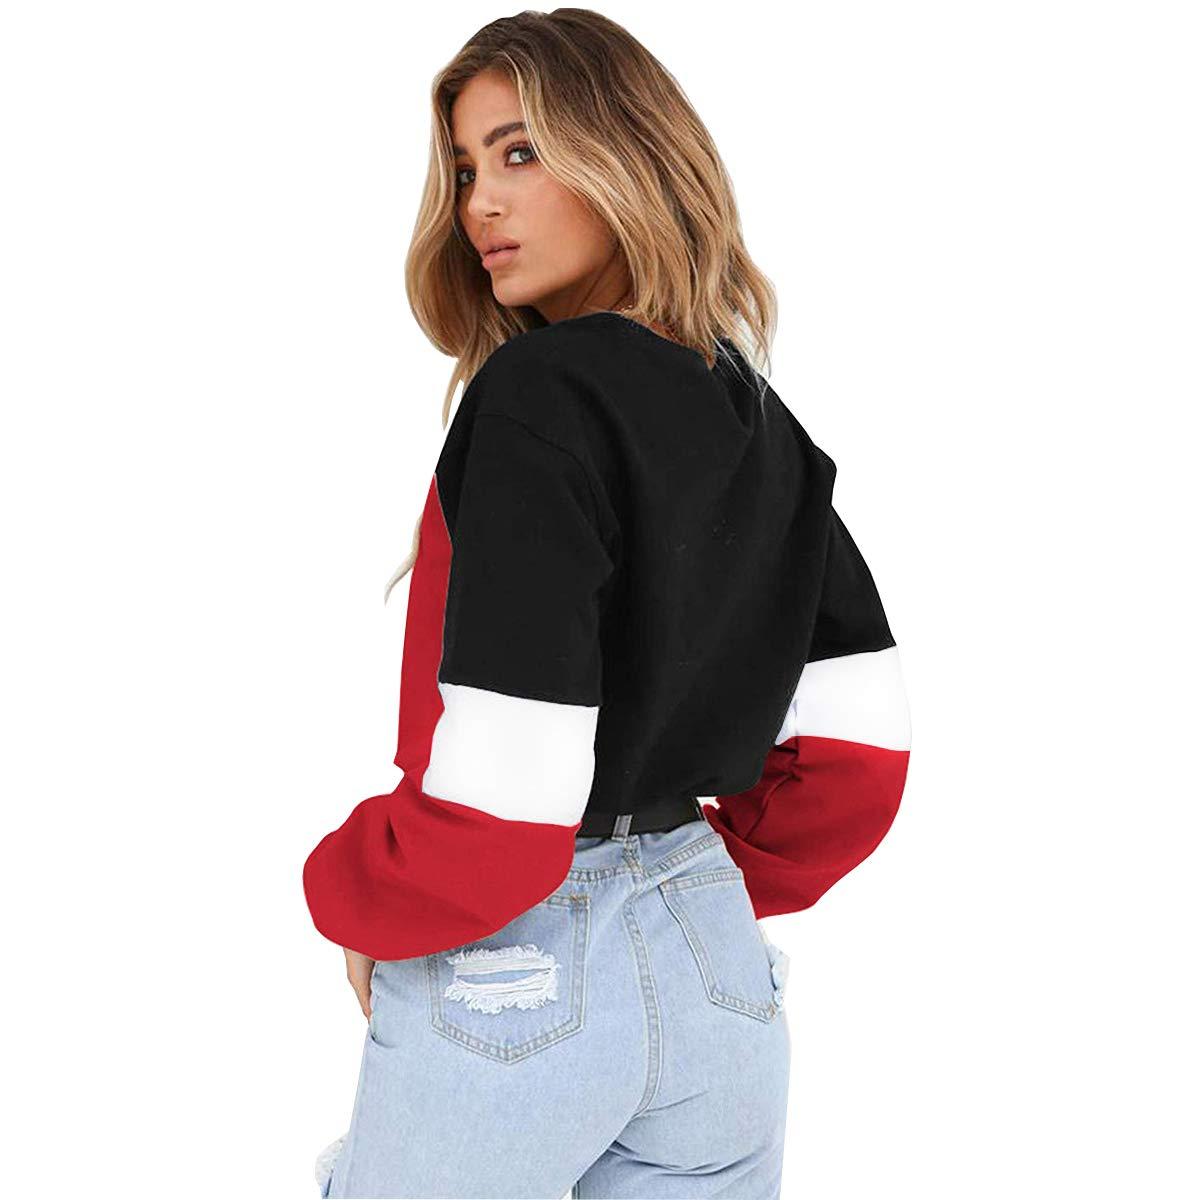 Womens Sweatshirt-Long Sleeve Hoodies Pullover Tops with Drawstring Hem Color Block Crop Top